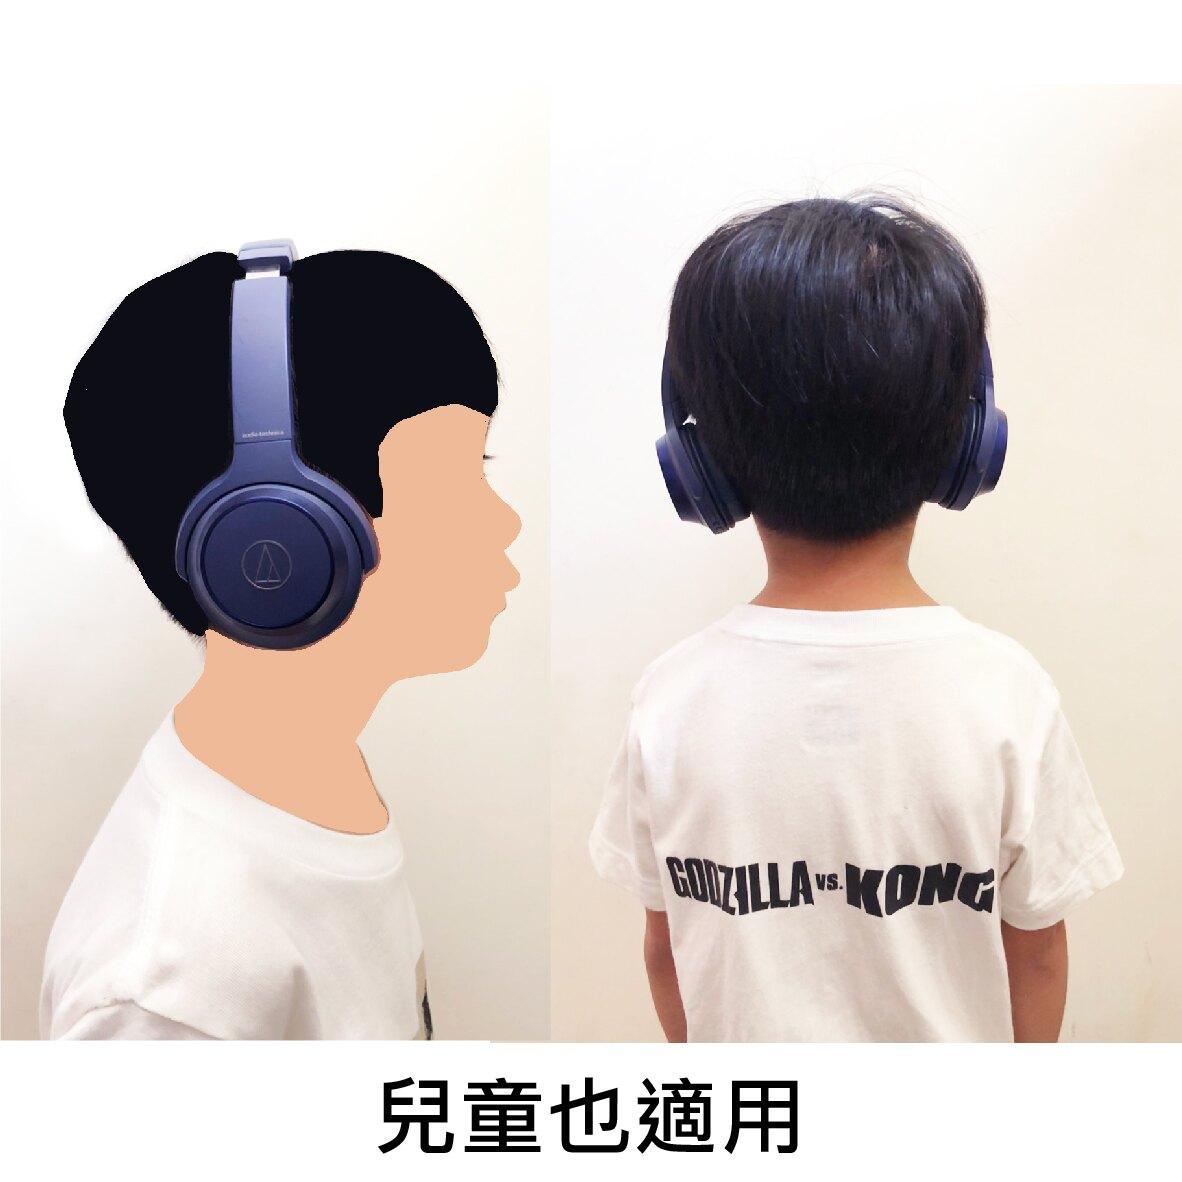 鐵三角 ATH-WS330BT 兒童耳機 適用 無線藍牙耳機 重低音 | 金曲音響